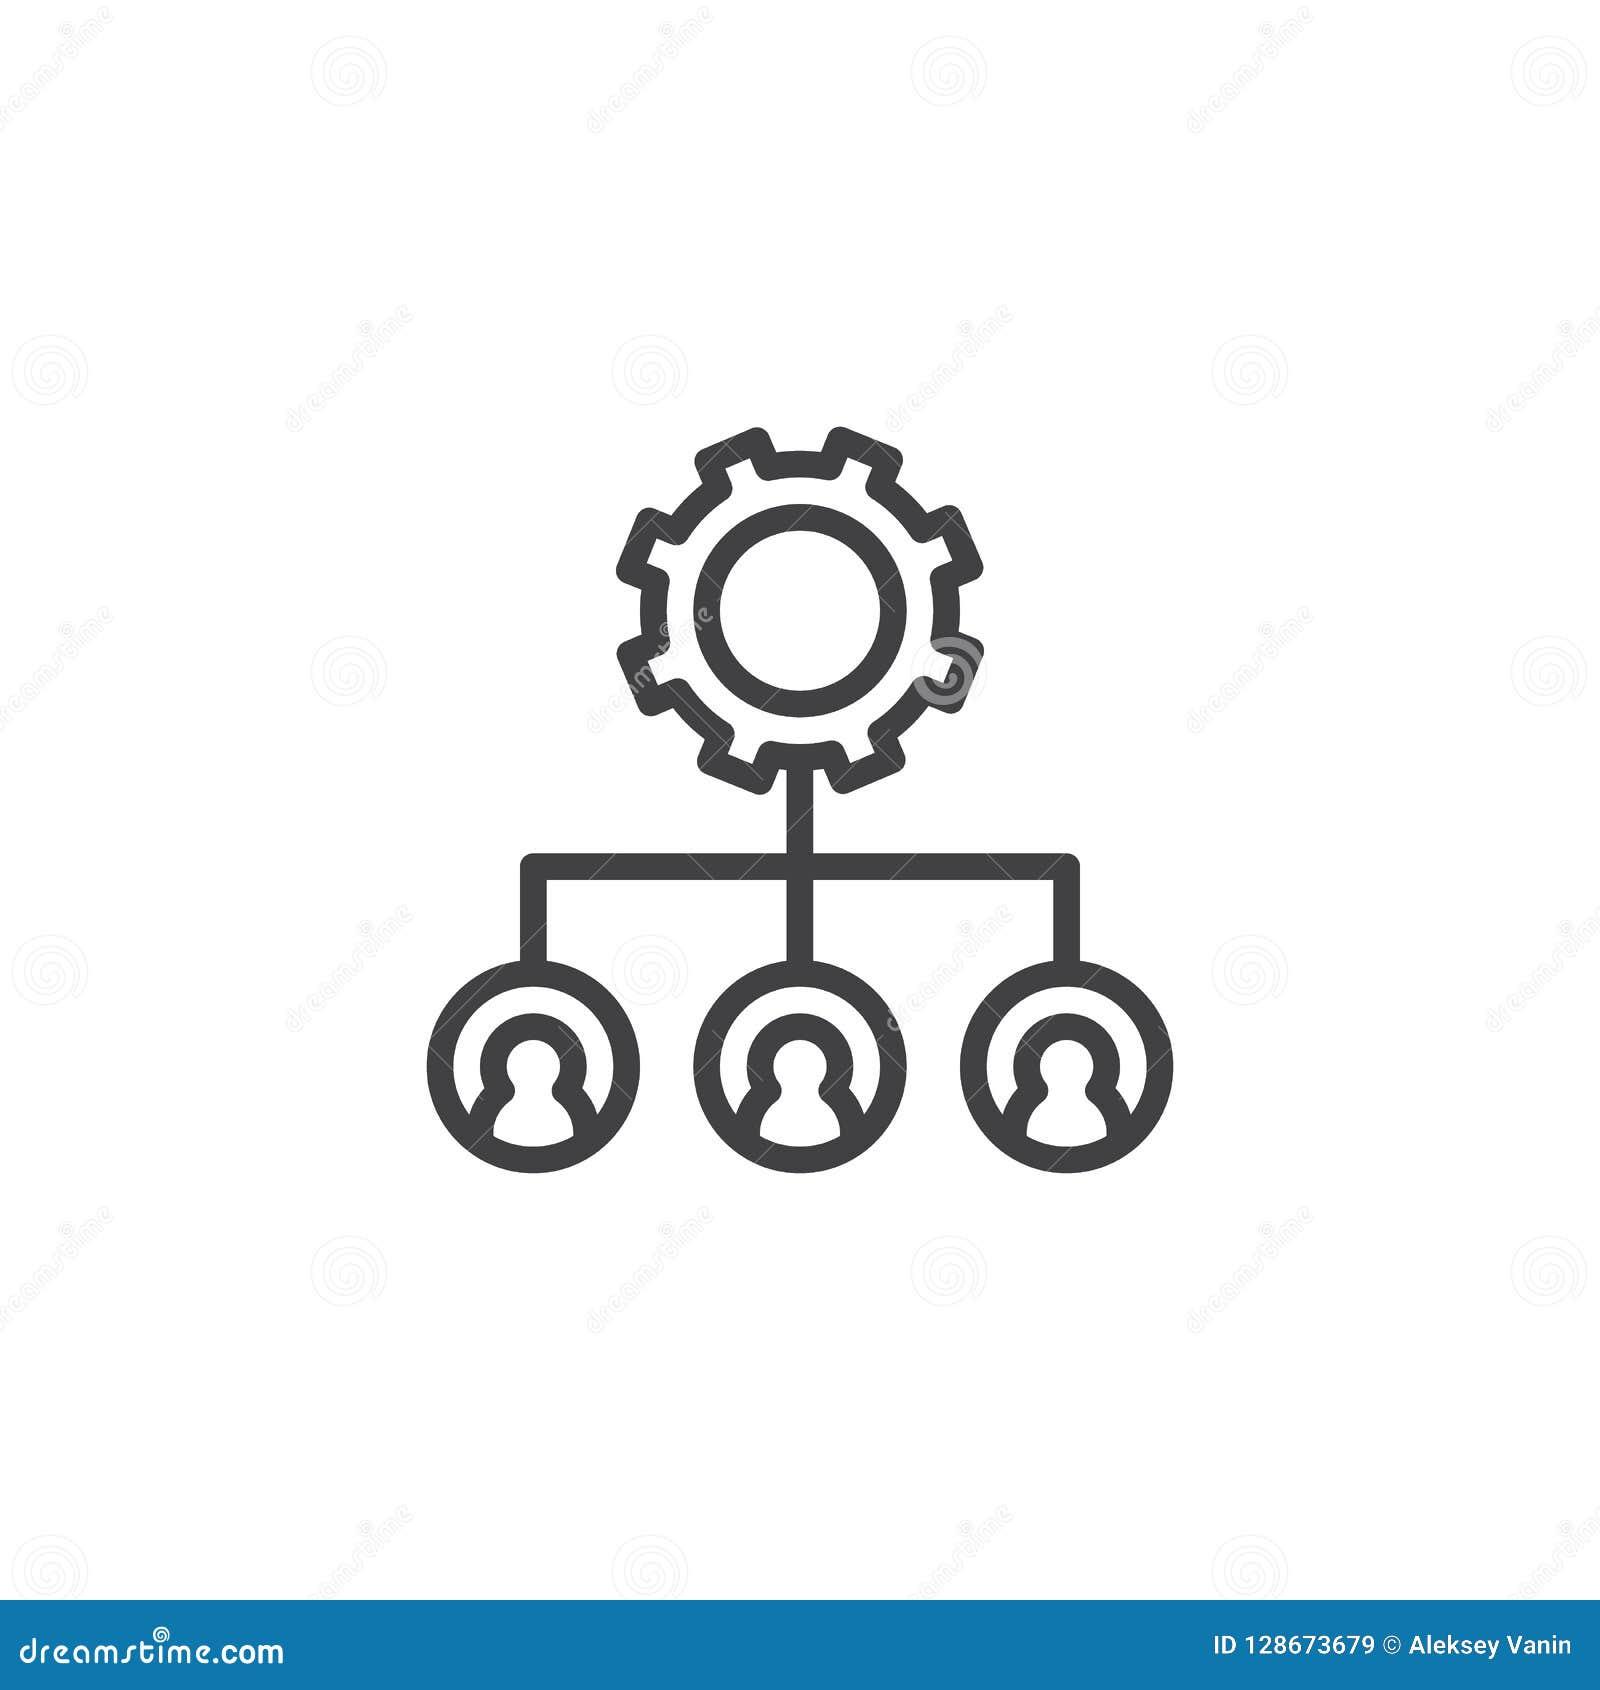 Ícone do esboço da engrenagem da estrutura hierárquica